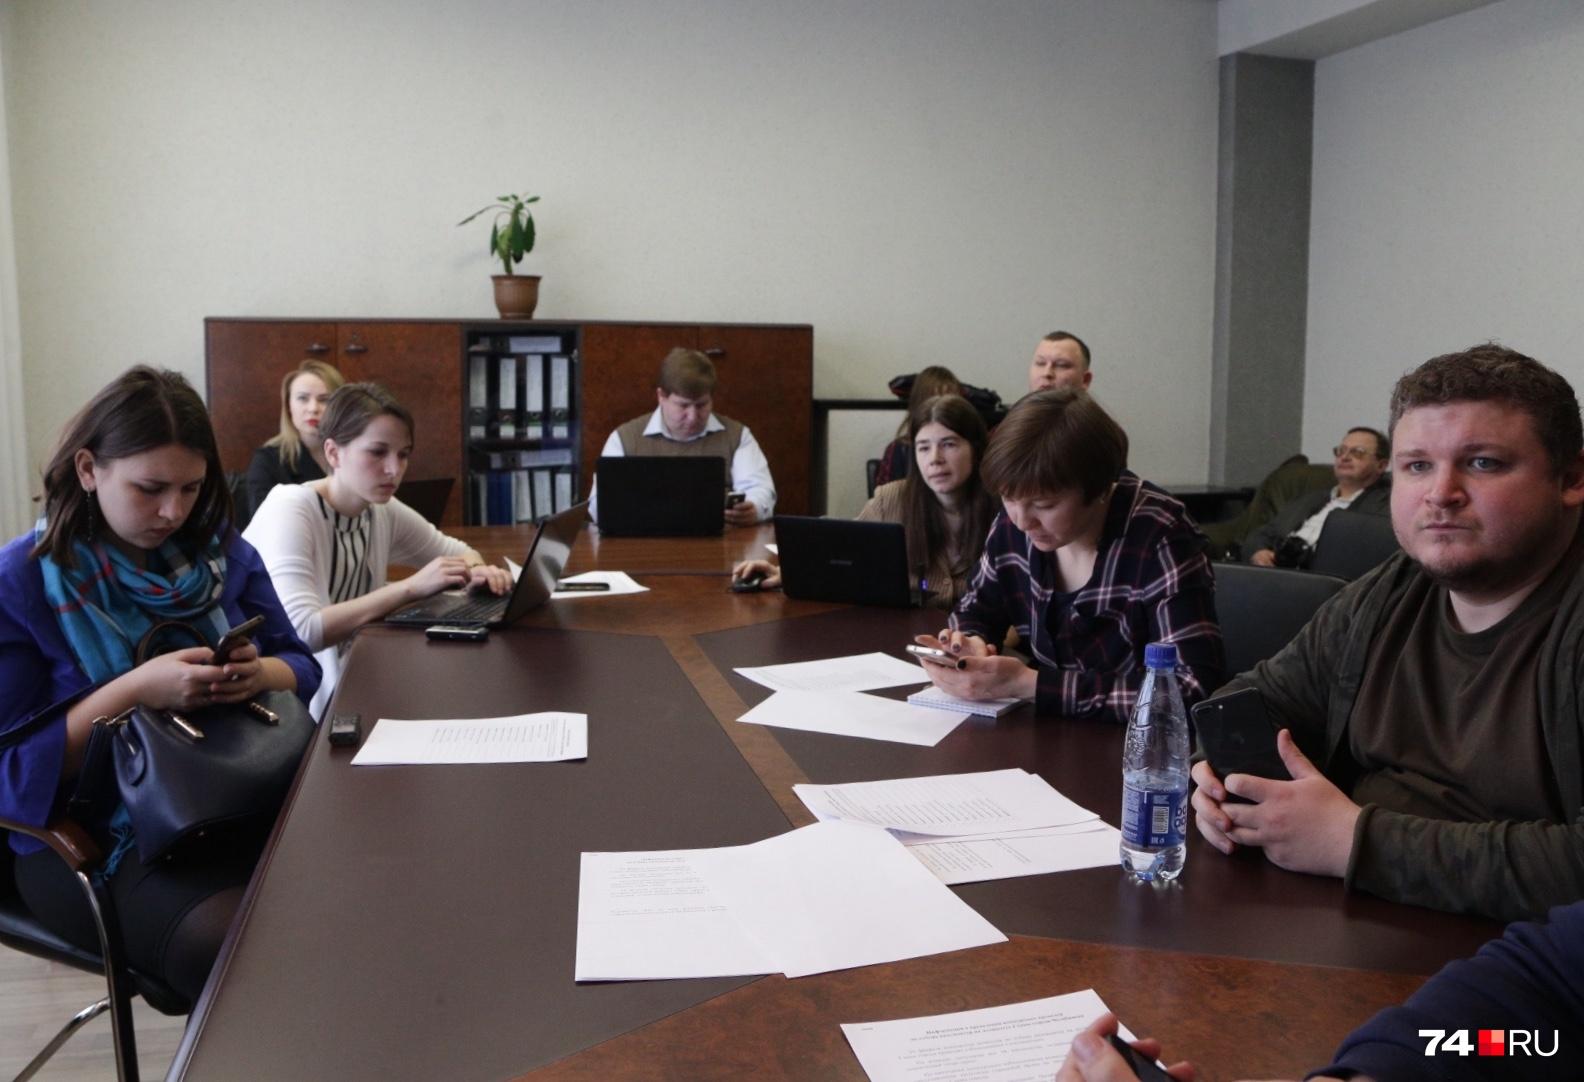 В пресс-центре (справа возле стены) за выступлениями следит бывший член избиркома Челябинской области Александр Лебедев, известный своими эпатажными поступками